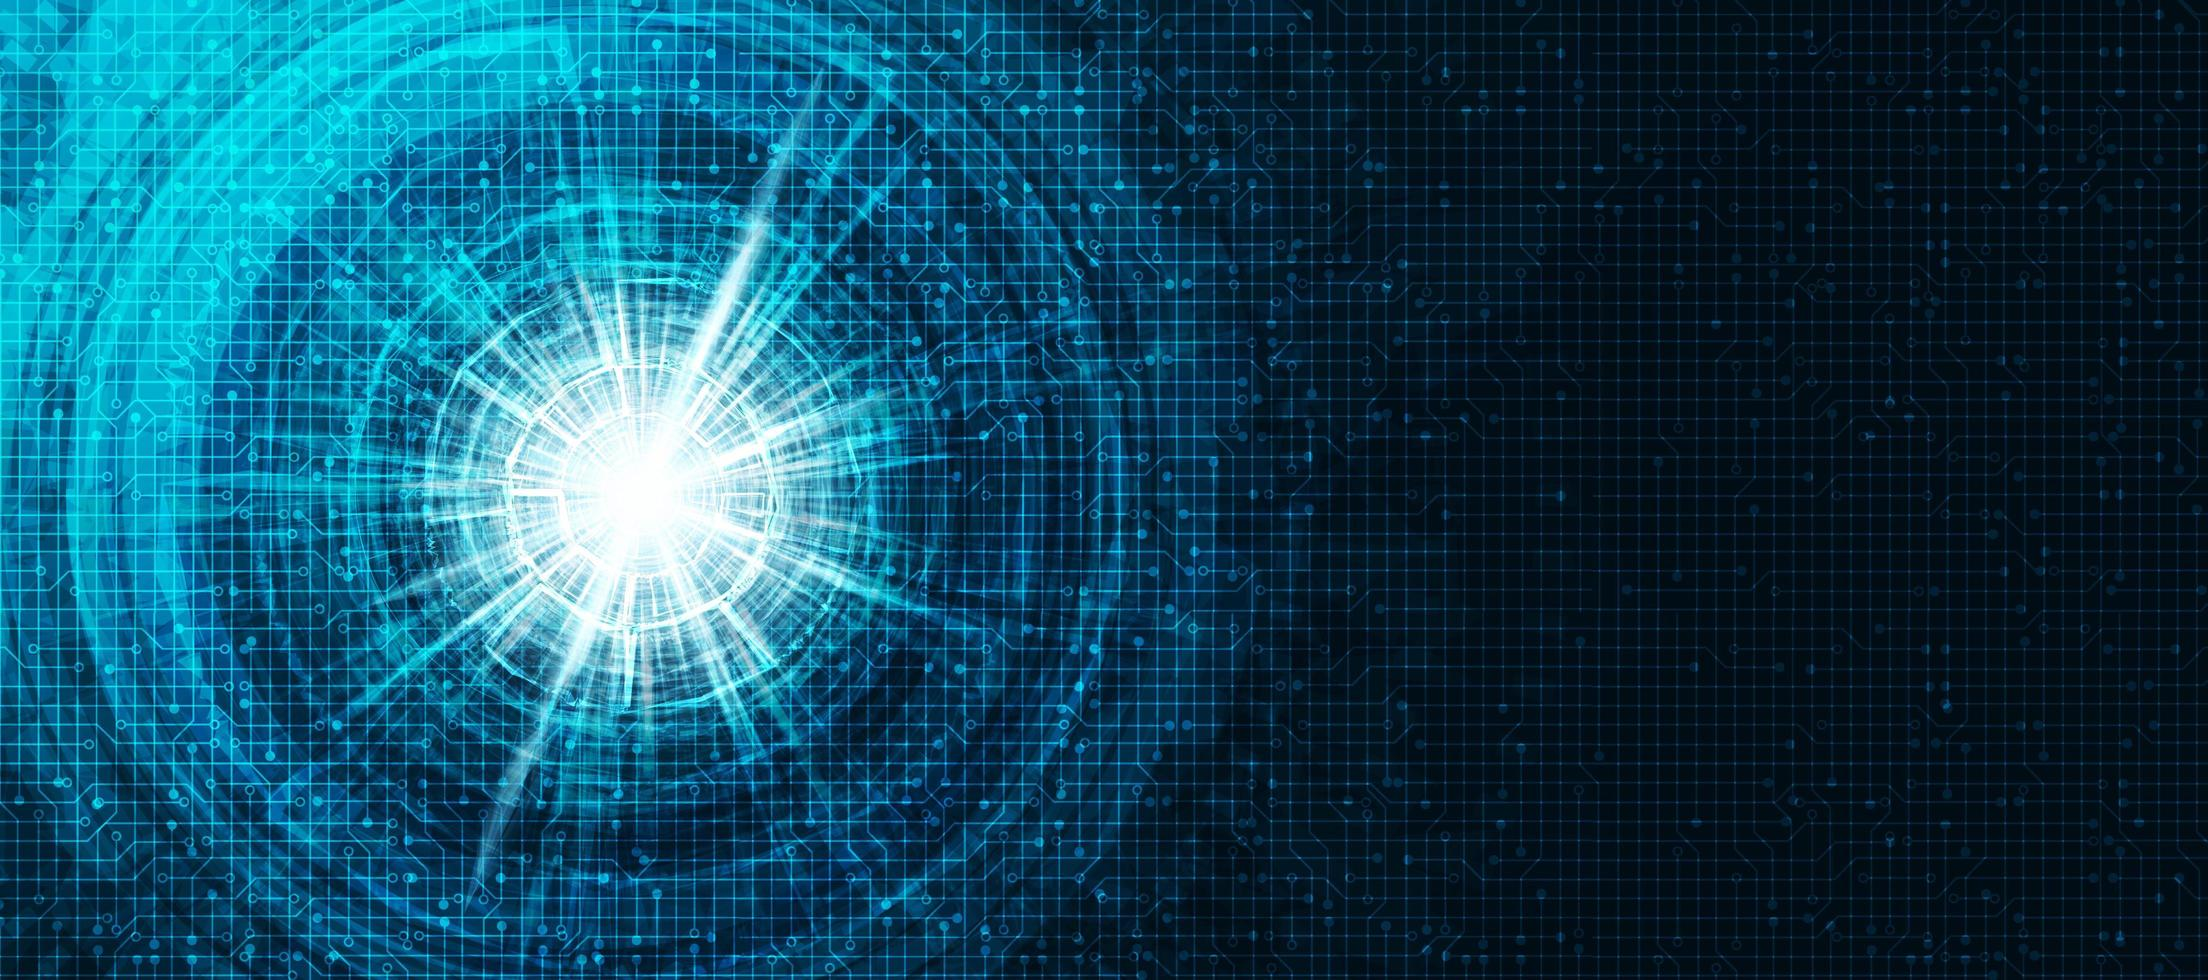 cirkeltechnologie op technologieachtergrond vector